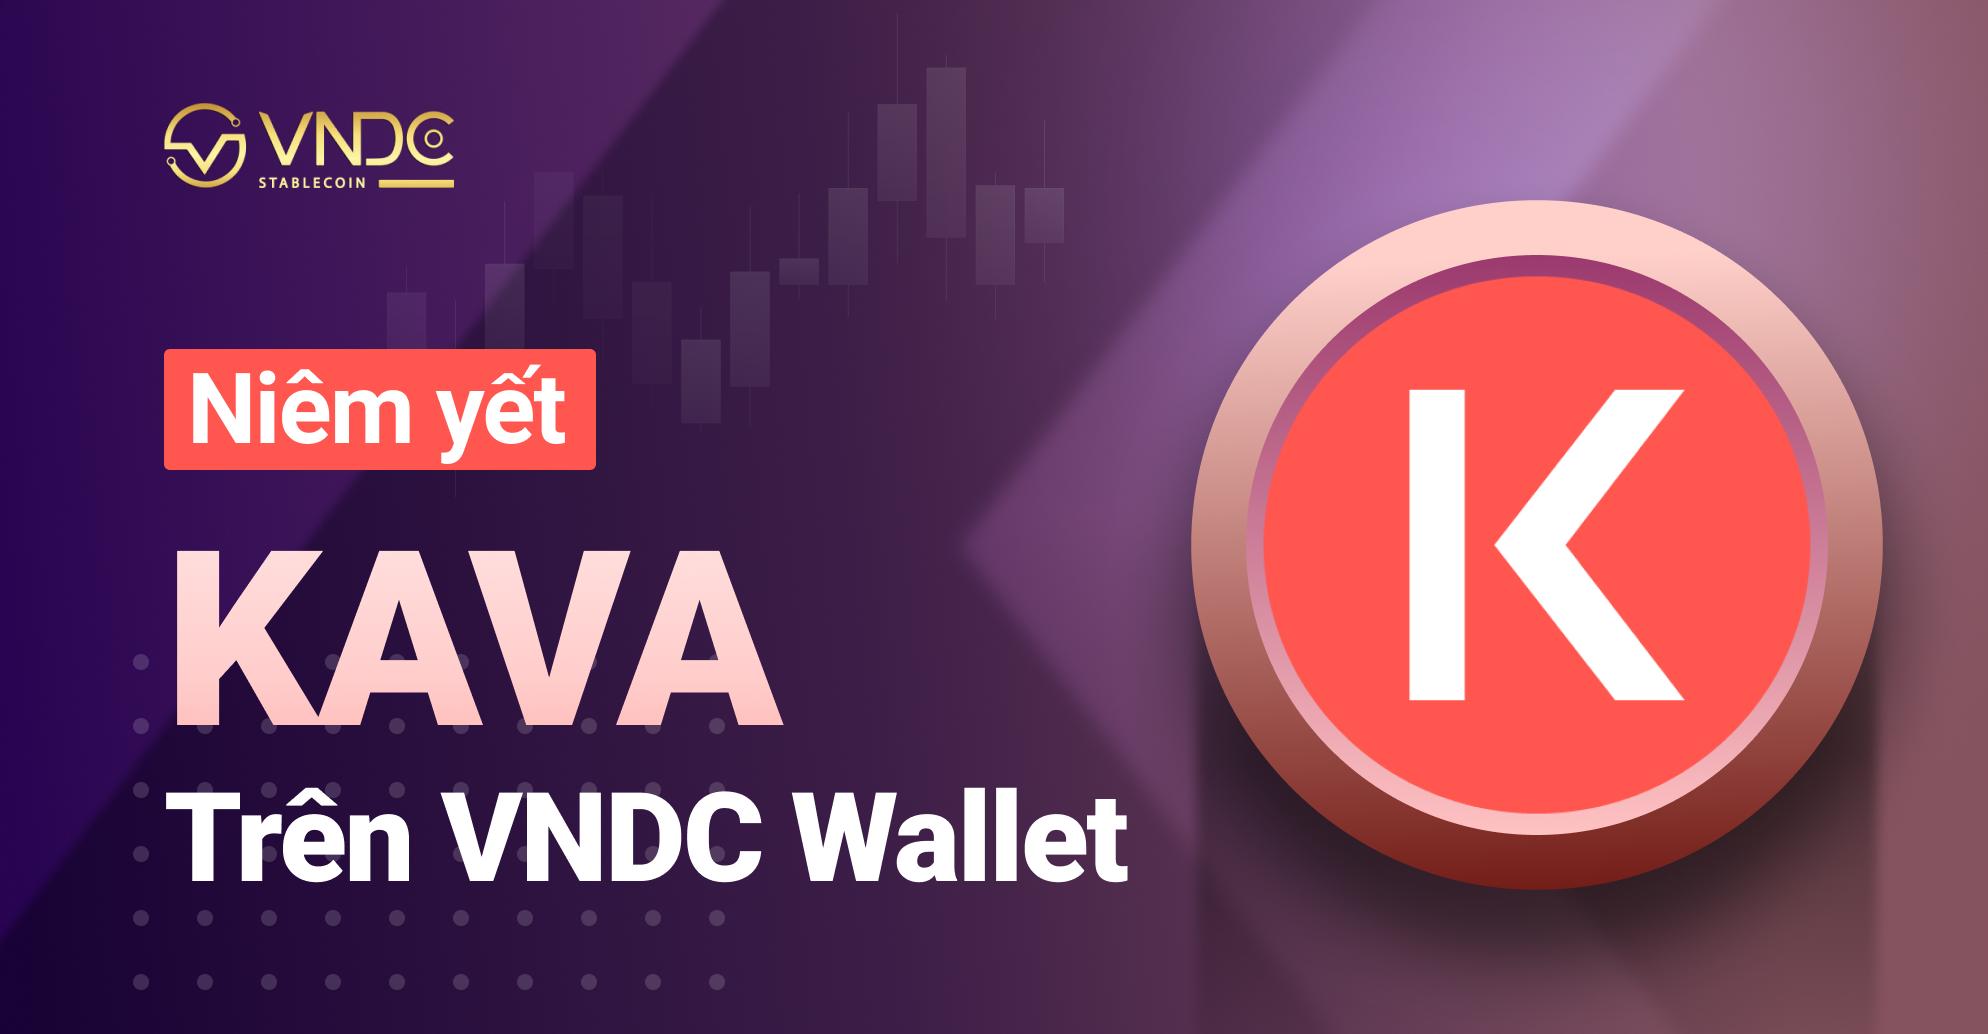 Chính thức niêm yết Kava Token (KAVA) trên VNDC Wallet